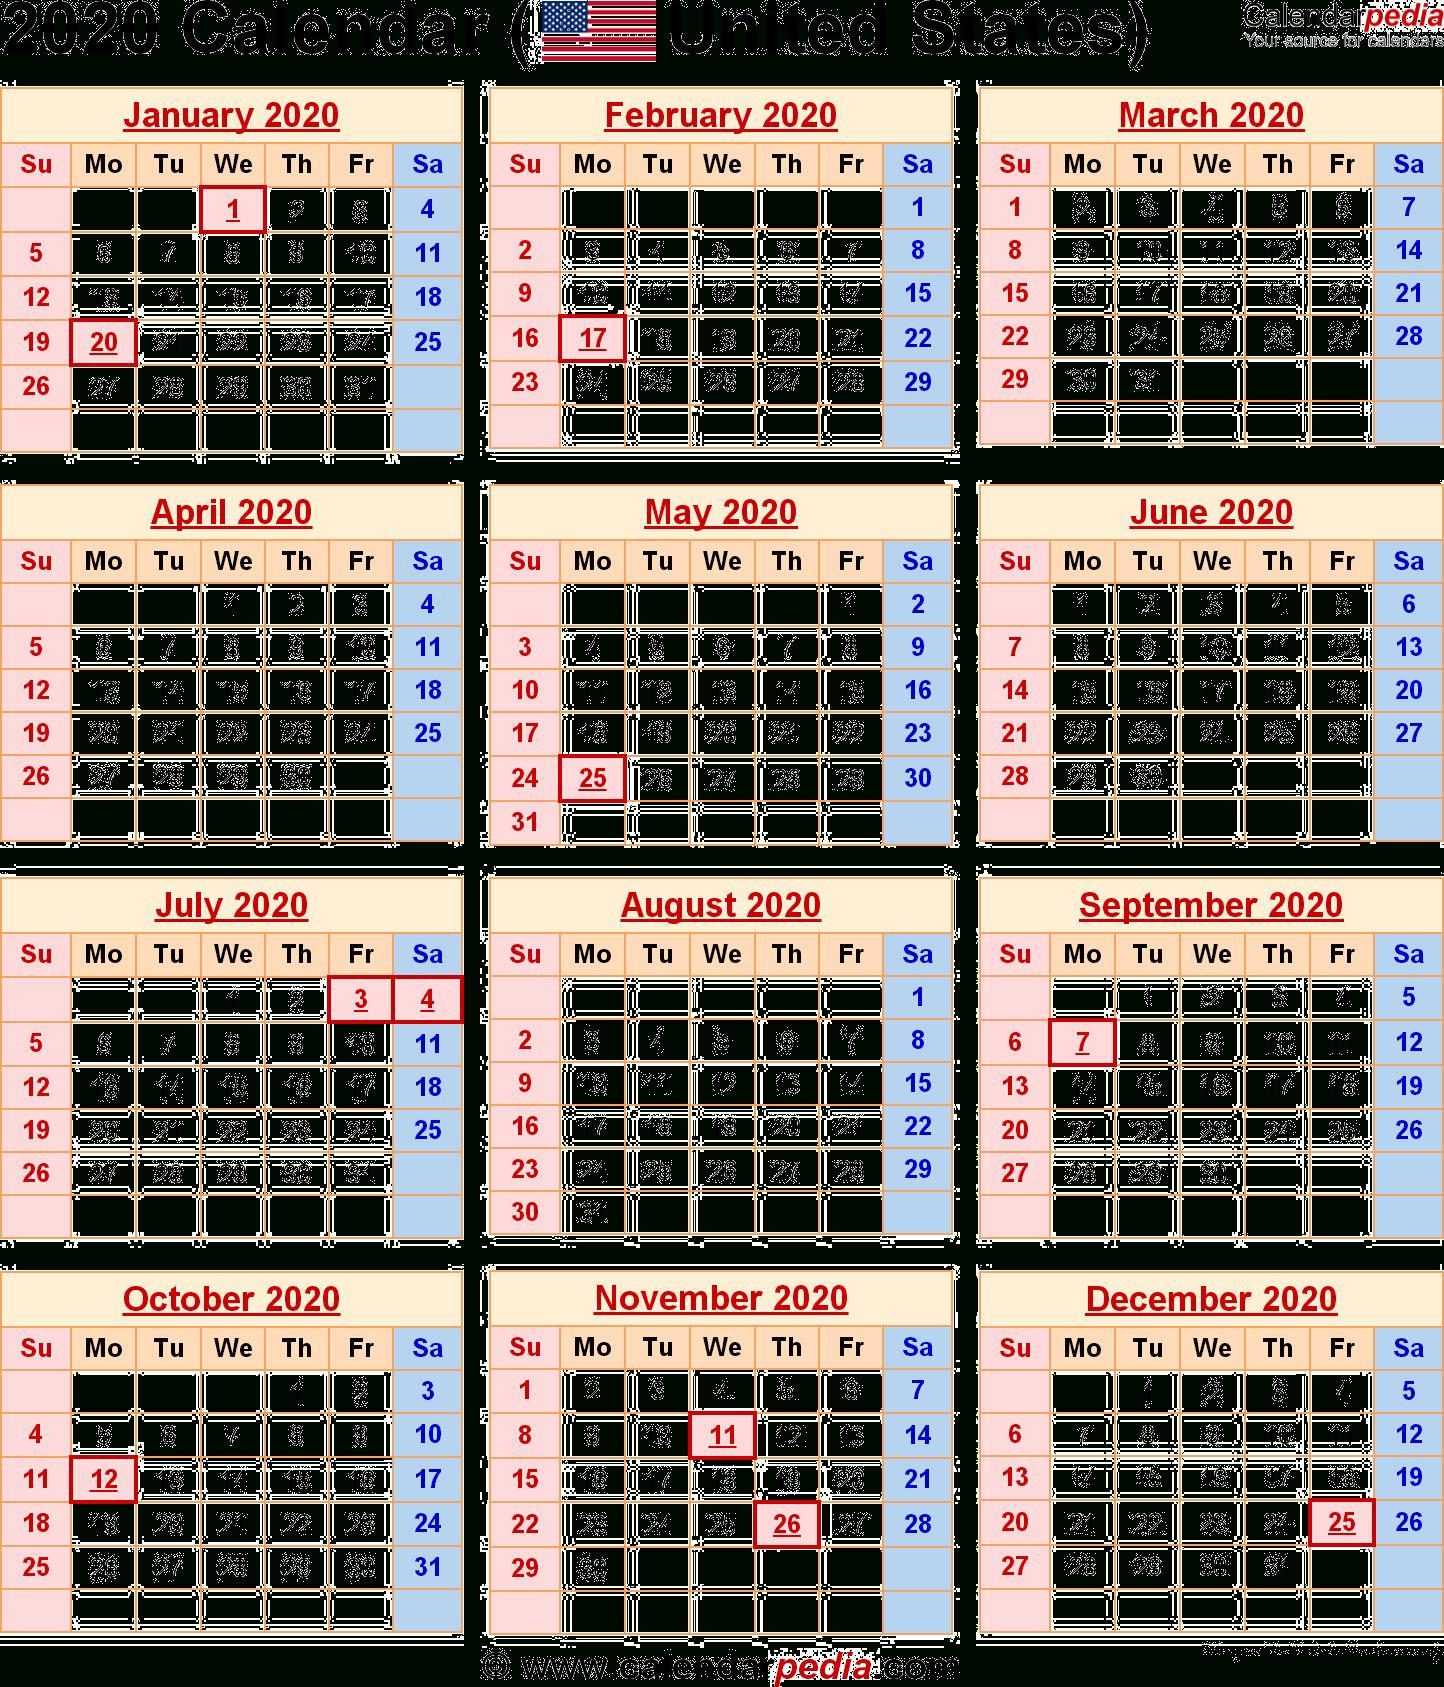 2020 Calendar Png Transparent Images   Png All with regard to Bihar Govt Calendar 2020